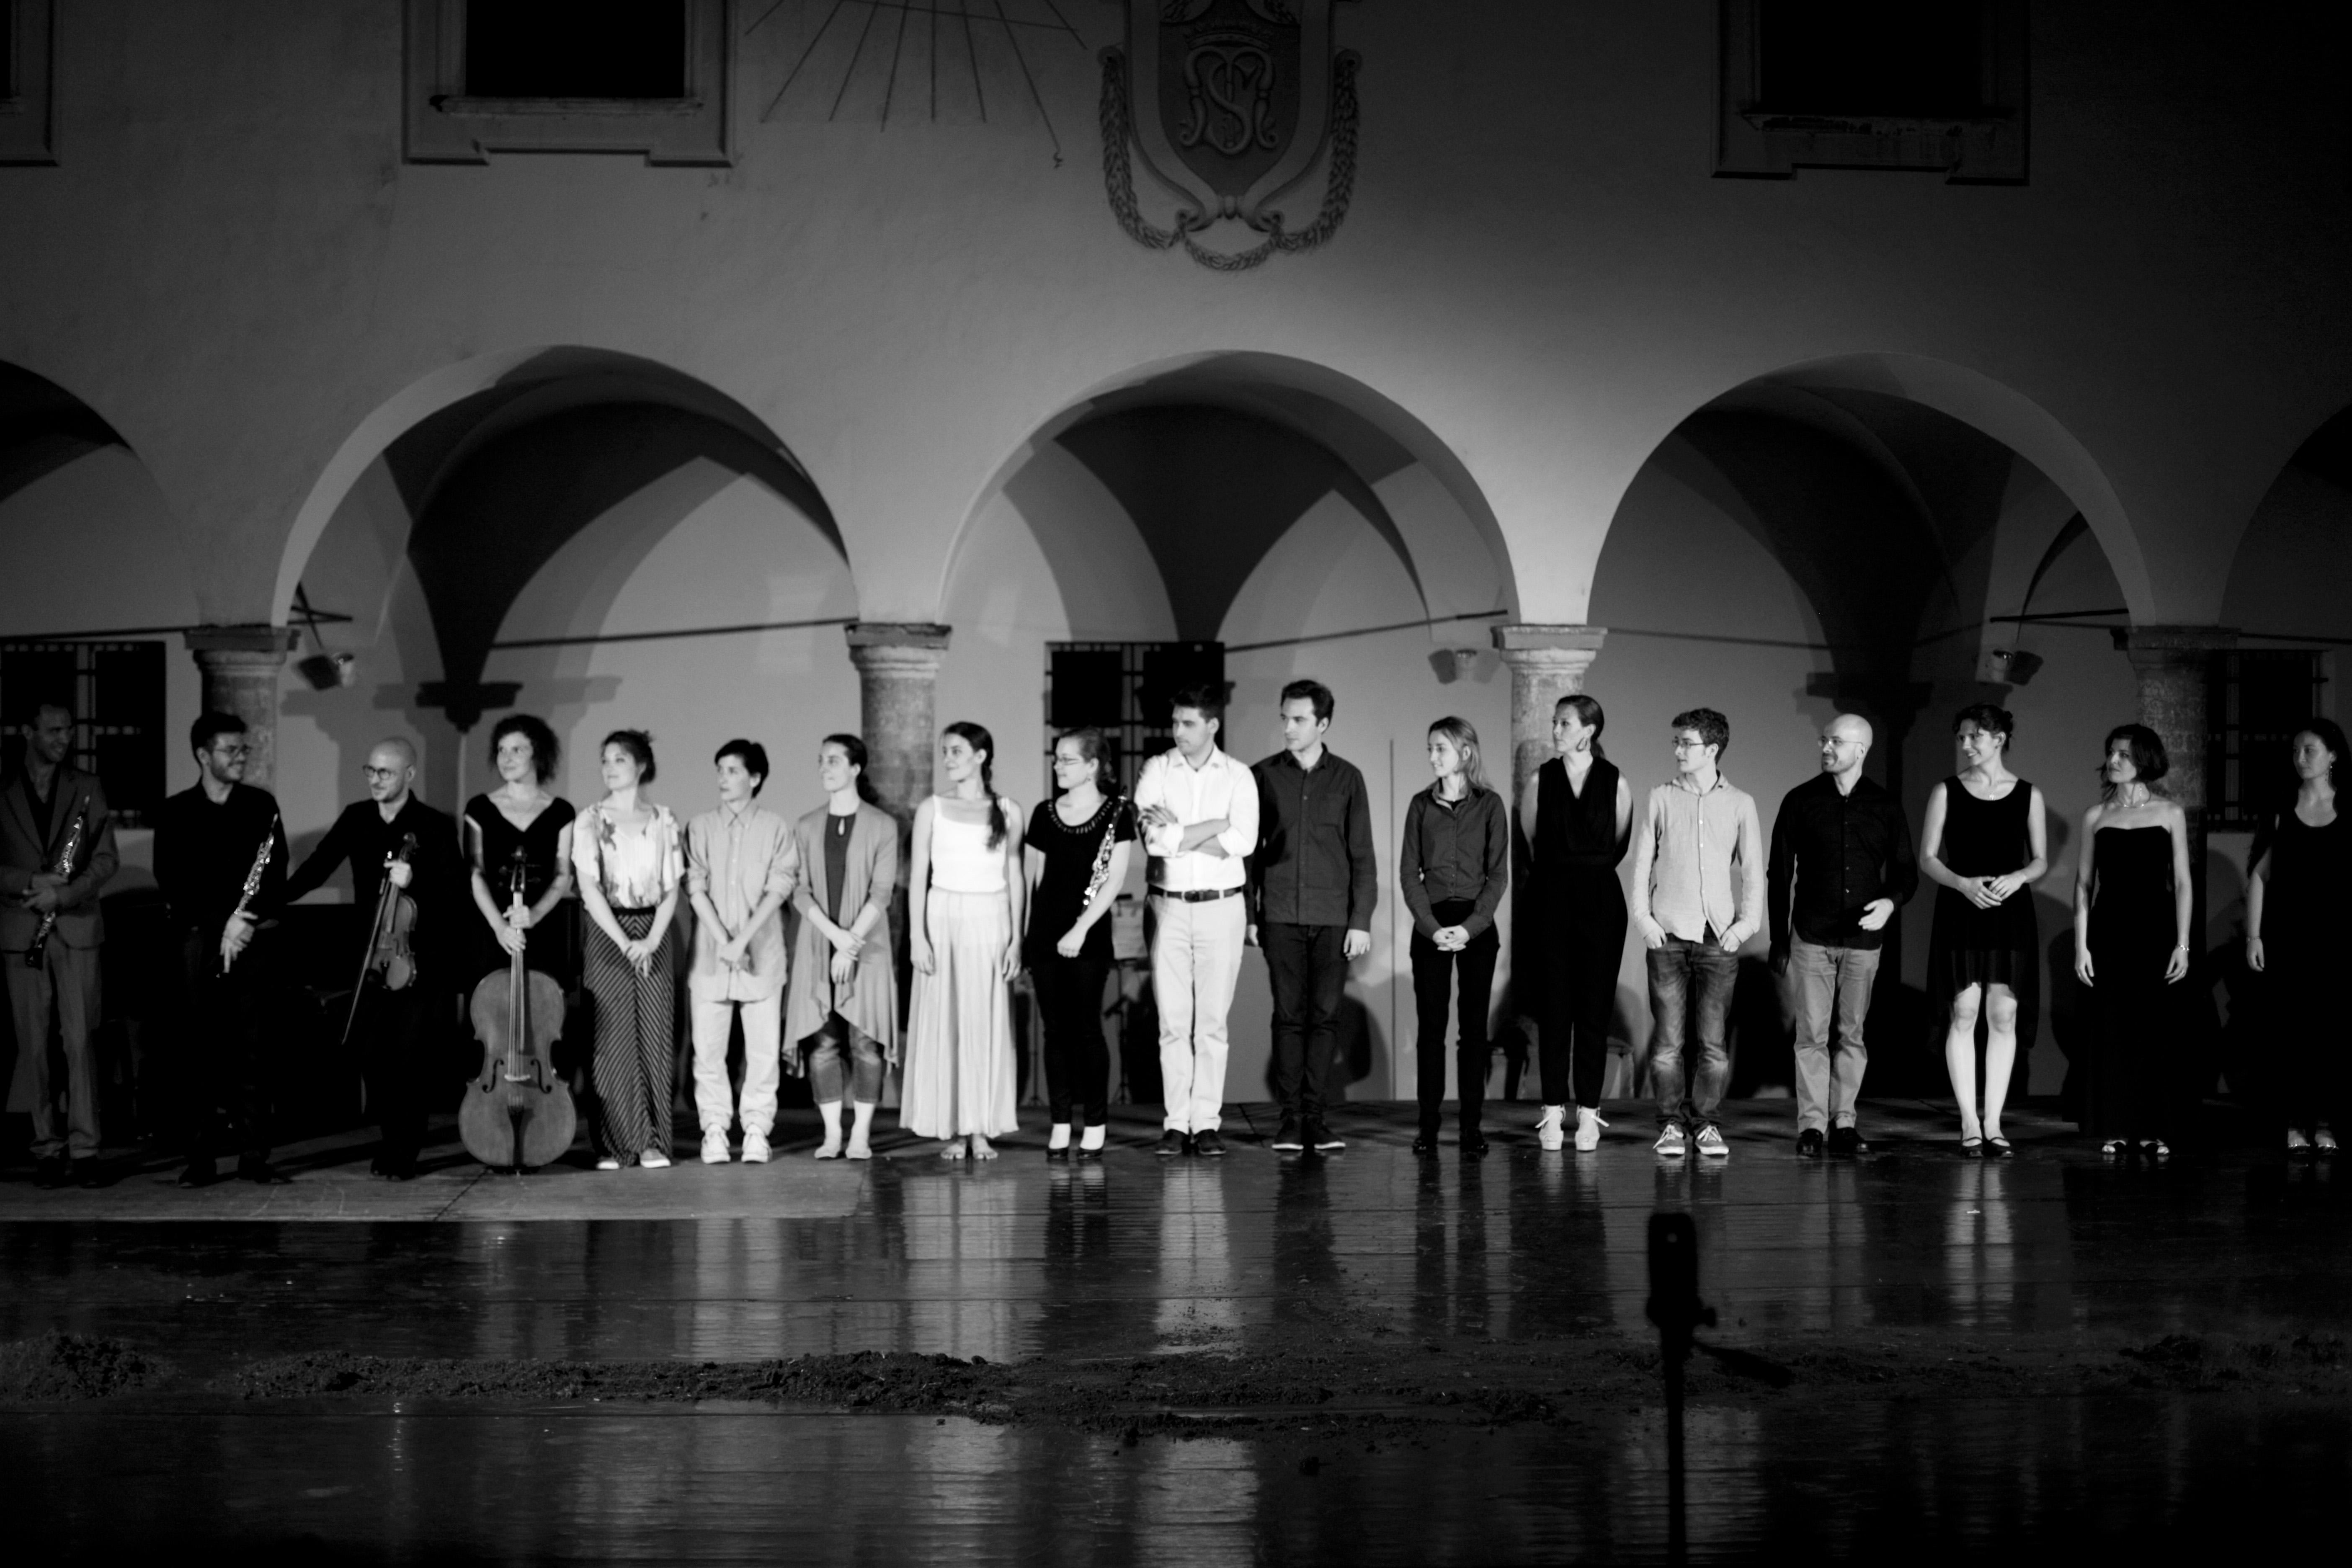 Concerto Mendrisio - Svizzera